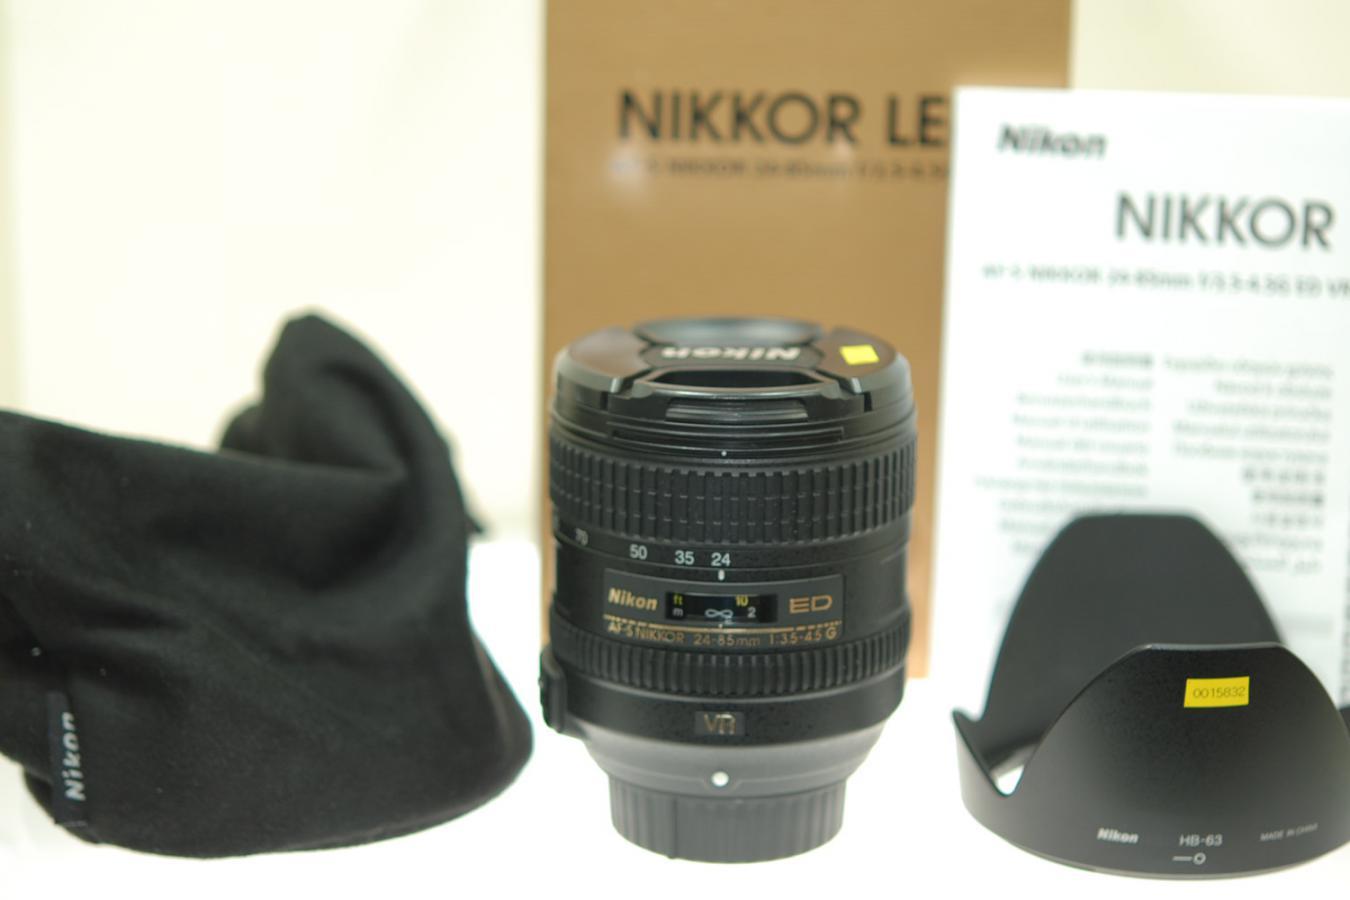 AF-S NIKKOR 24-85mm F3.5-4.5G ED VR 【純正フードHB-63、ケース、取説、元箱付一式】